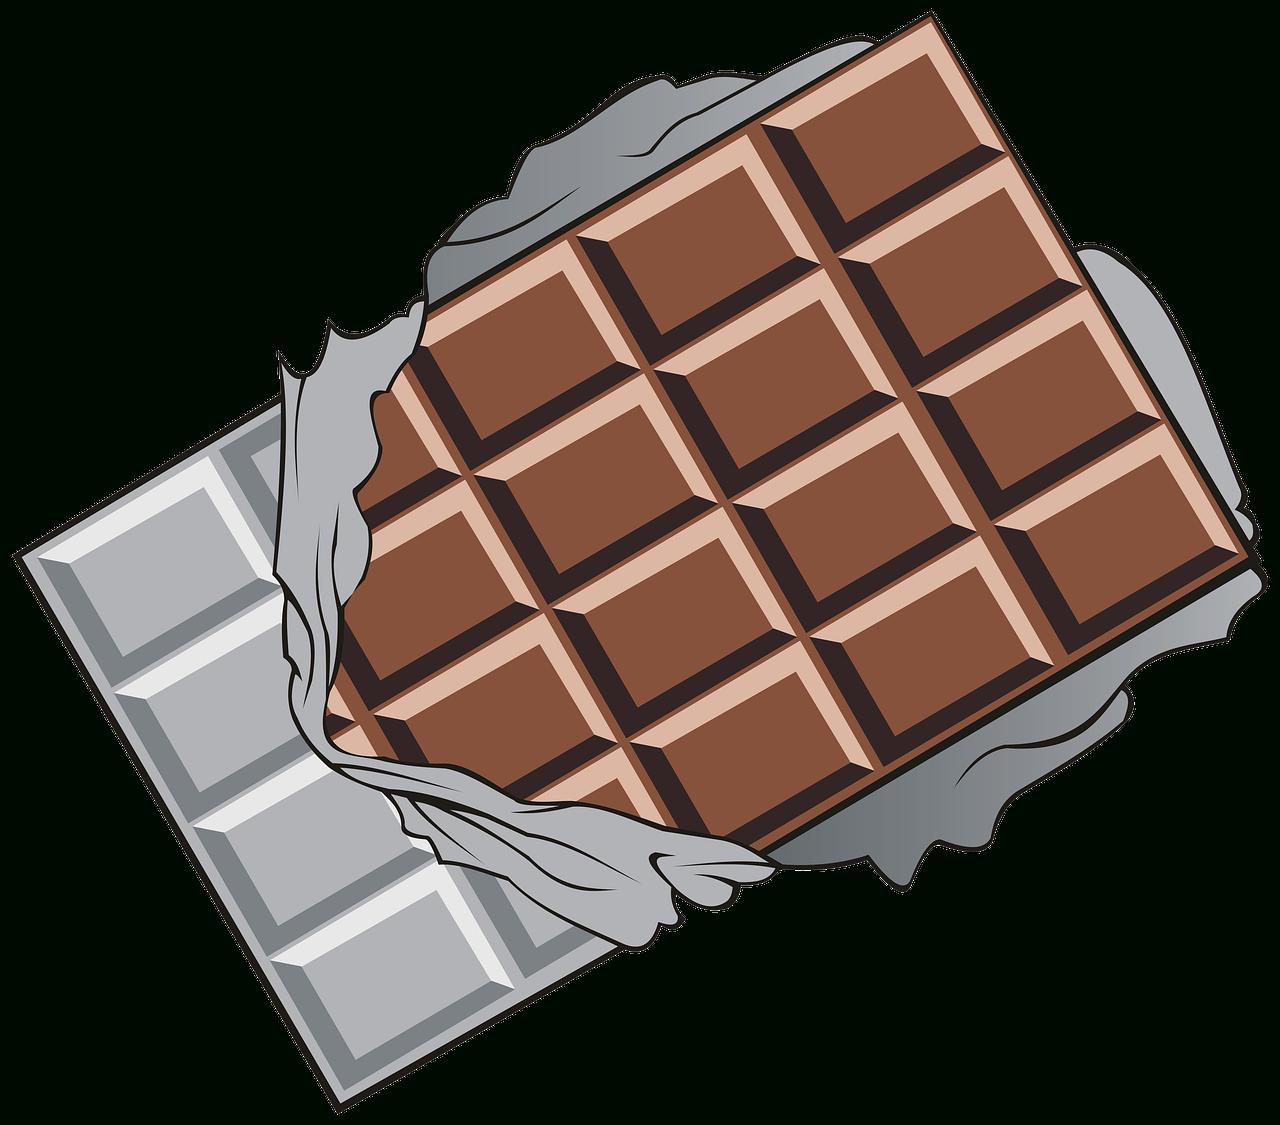 Chocolat Tablette Morceaux - Image Gratuite Sur Pixabay intérieur Tablette Chocolat Dessin